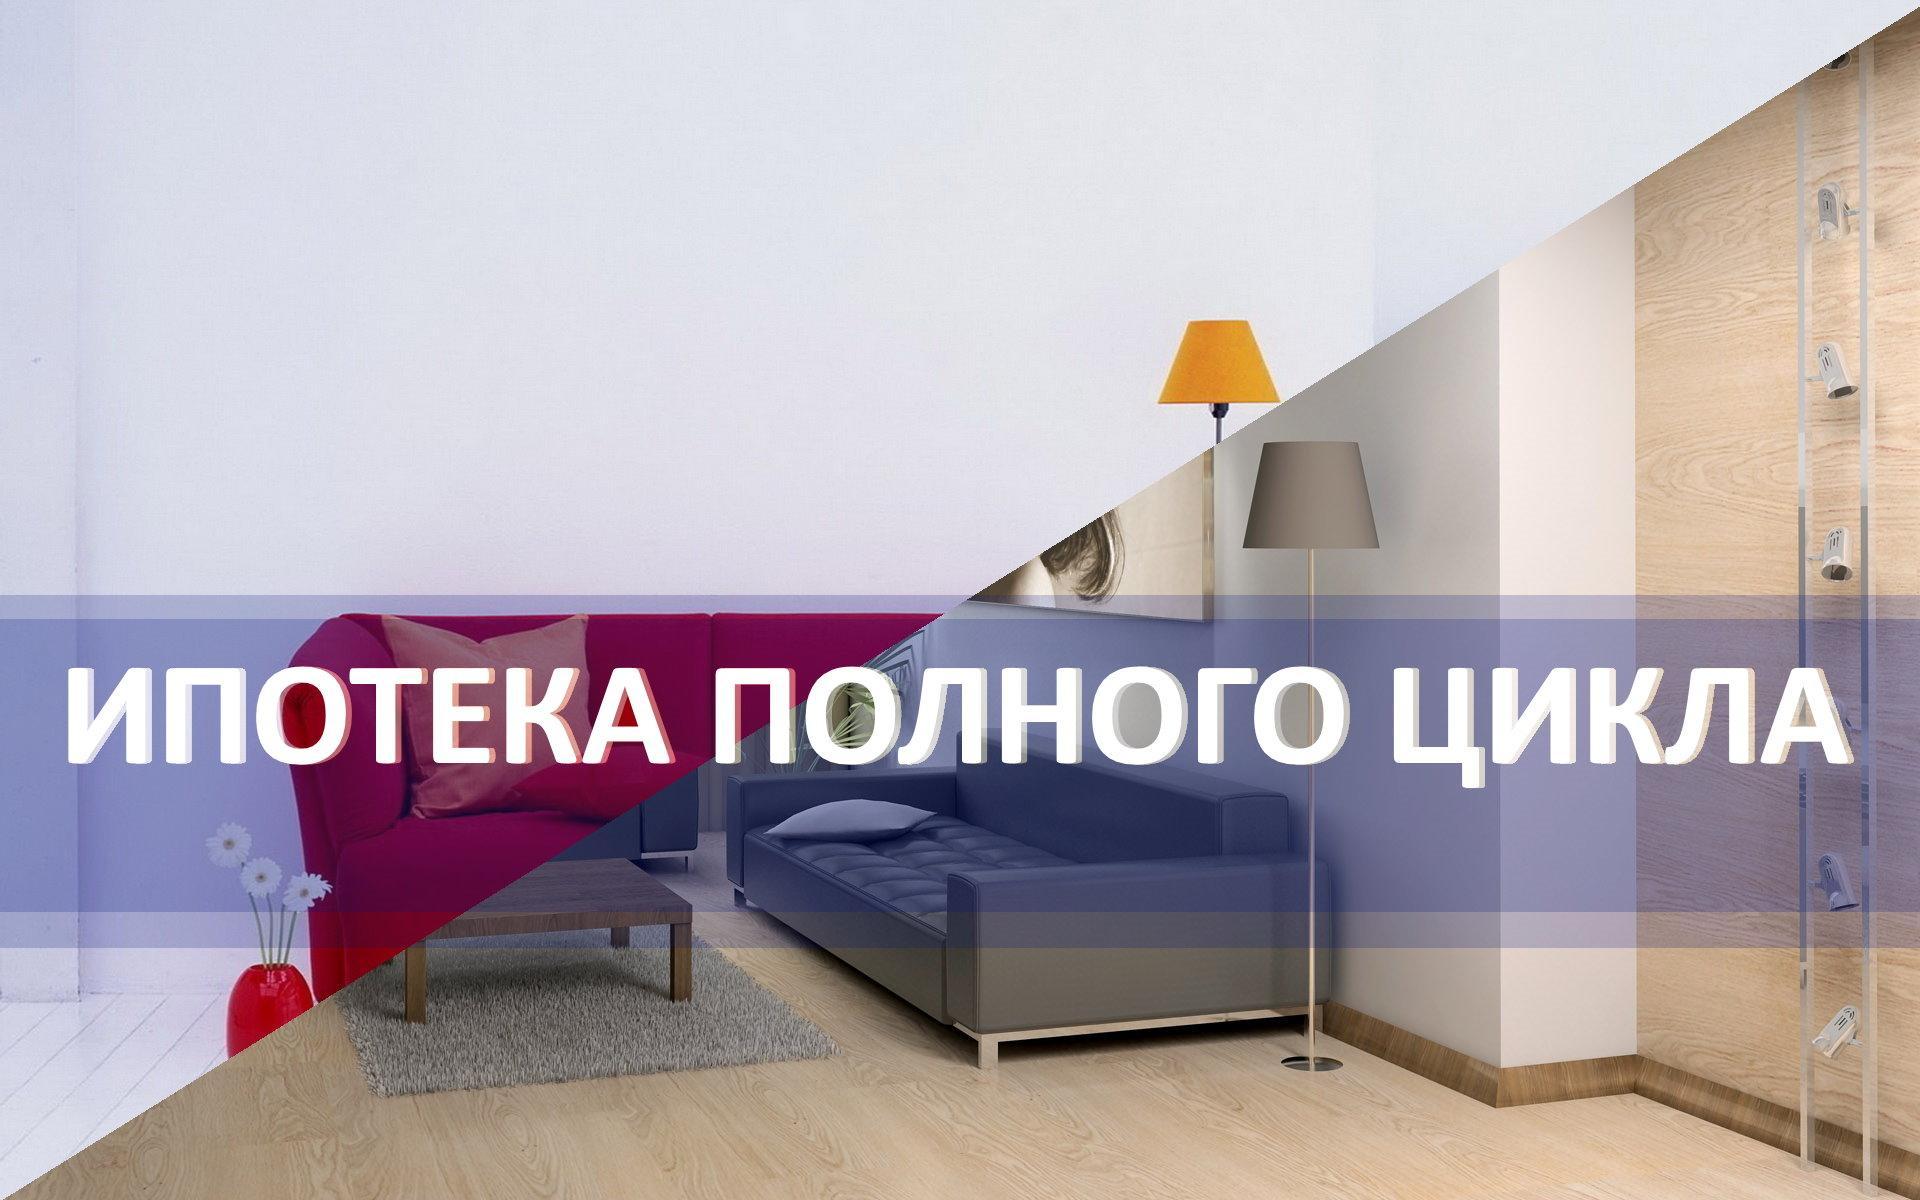 """Услуги компании ООО Компания """"Ипотека Полного Цикла"""""""